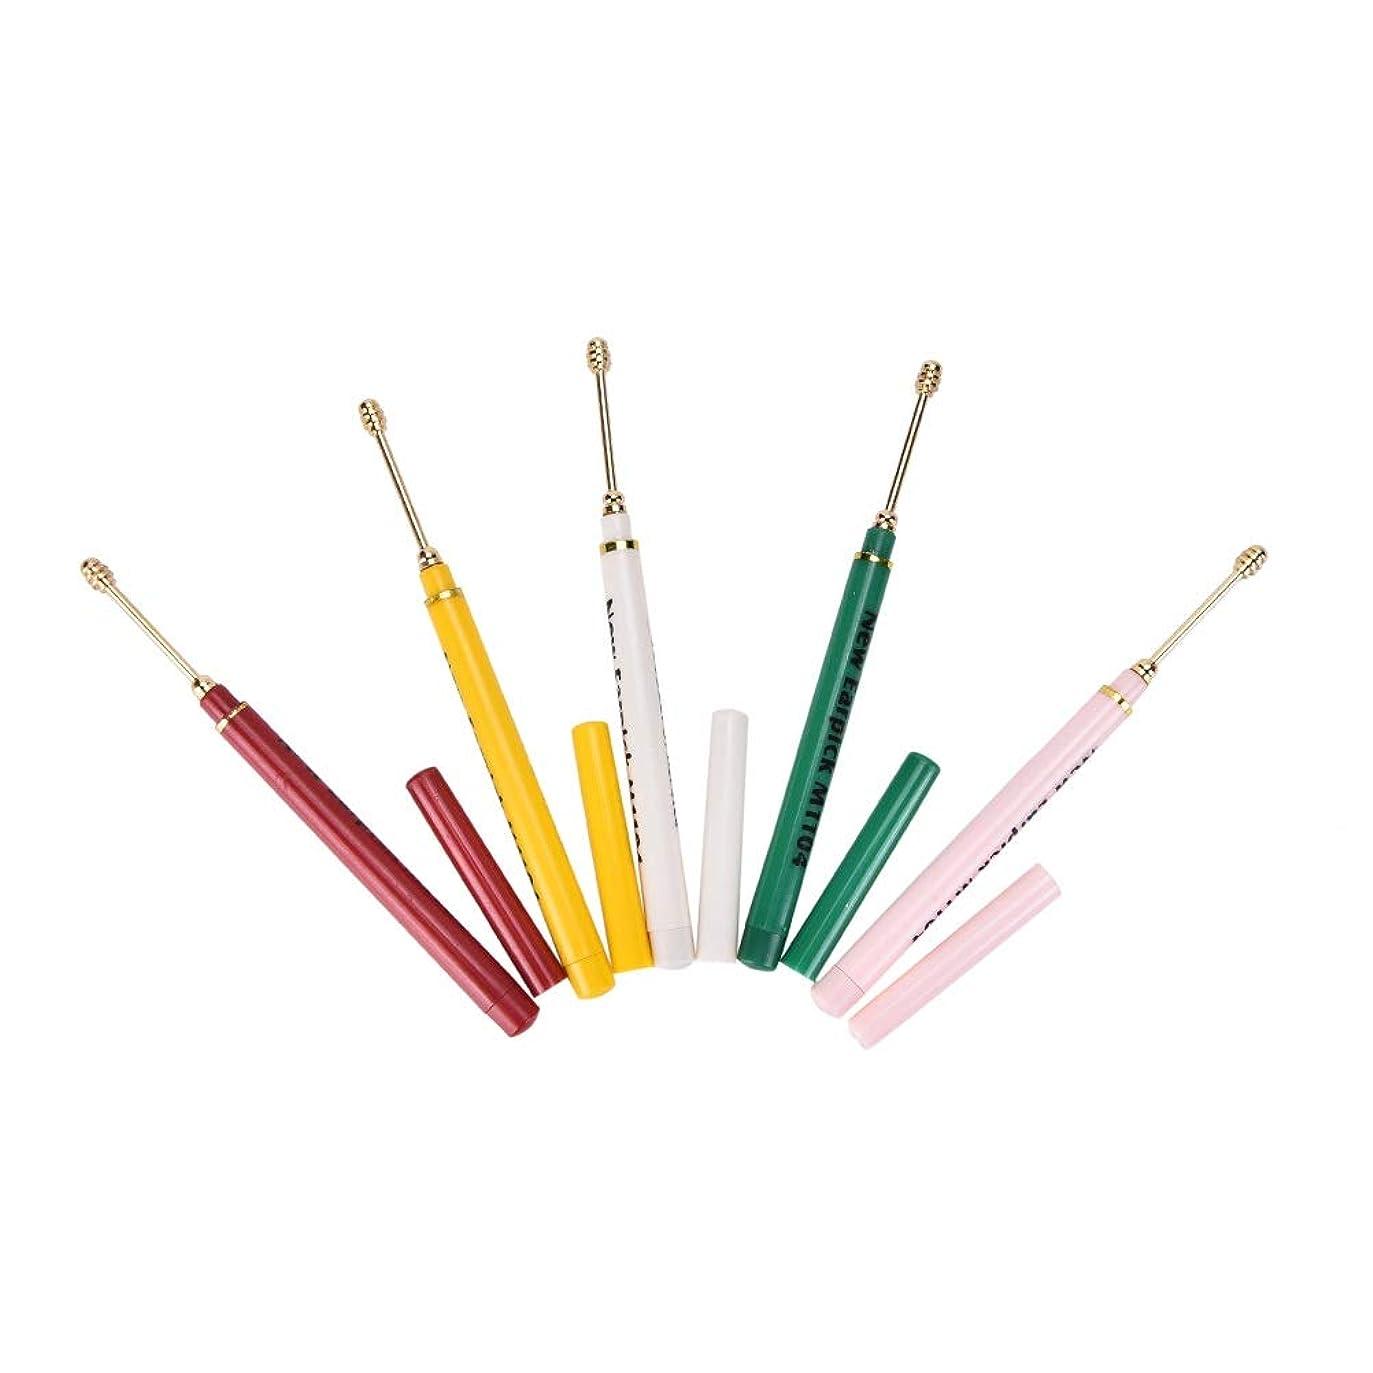 圧縮アクセス取り出すZHQI-GH ランダムカラー2ピースイヤホンスプーンツールクリーン耳ワックスキュレットリムーバーヘルスケアカラフルなギフト (色 : Multi-colored)